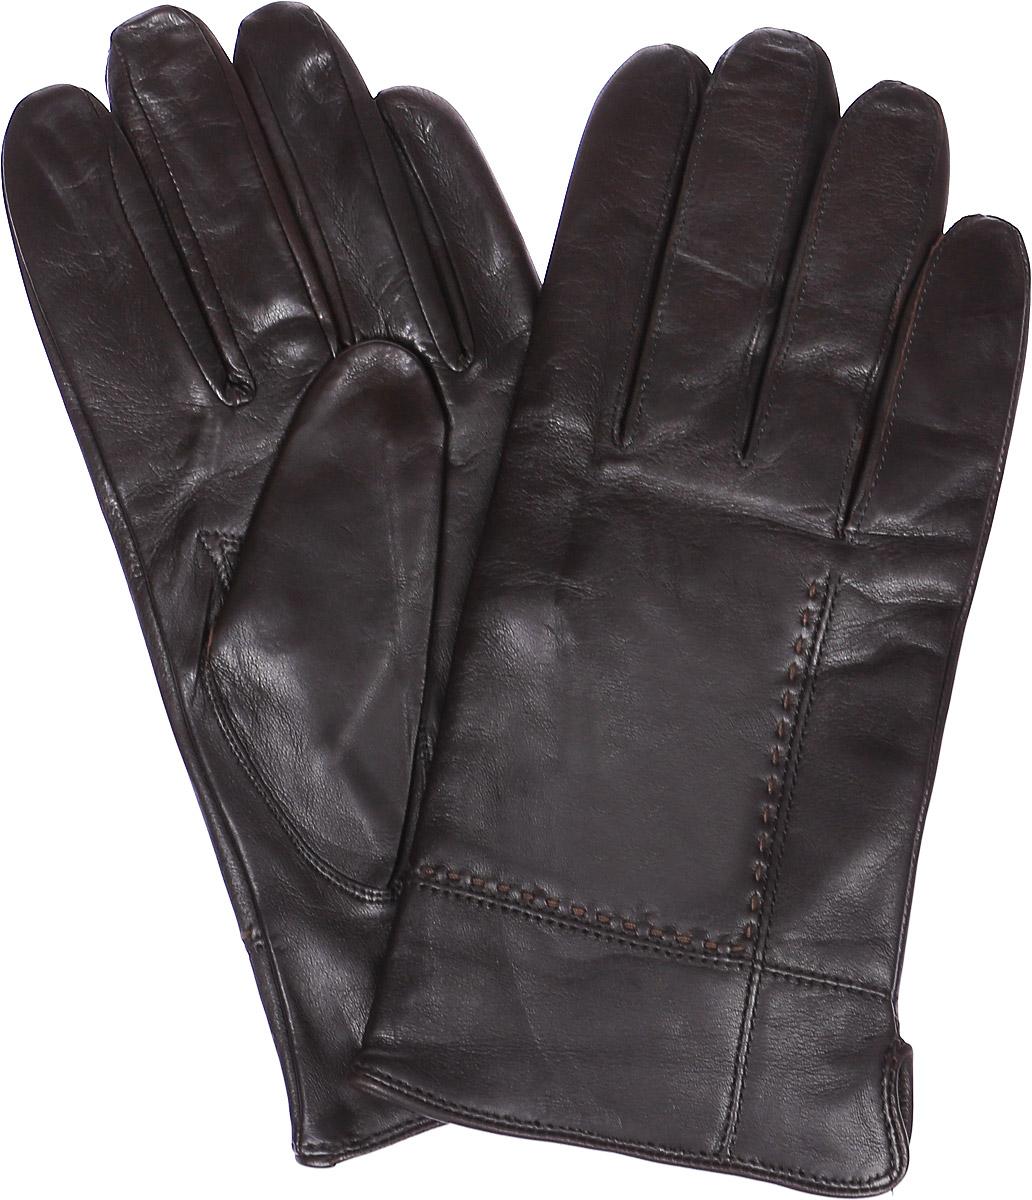 Перчатки мужские Labbra, цвет: темно-коричневый. LB-5473. Размер 8,5LB-5473Стильные мужские перчатки Labbra выполнены из натуральной кожи. Внутренняя поверхность модели изготовлена из шерсти и акрила, которые обеспечивают тепло и комфорт. Оформлены перчатки на лицевой стороне декоративными швами и сбоку небольшим разрезом.